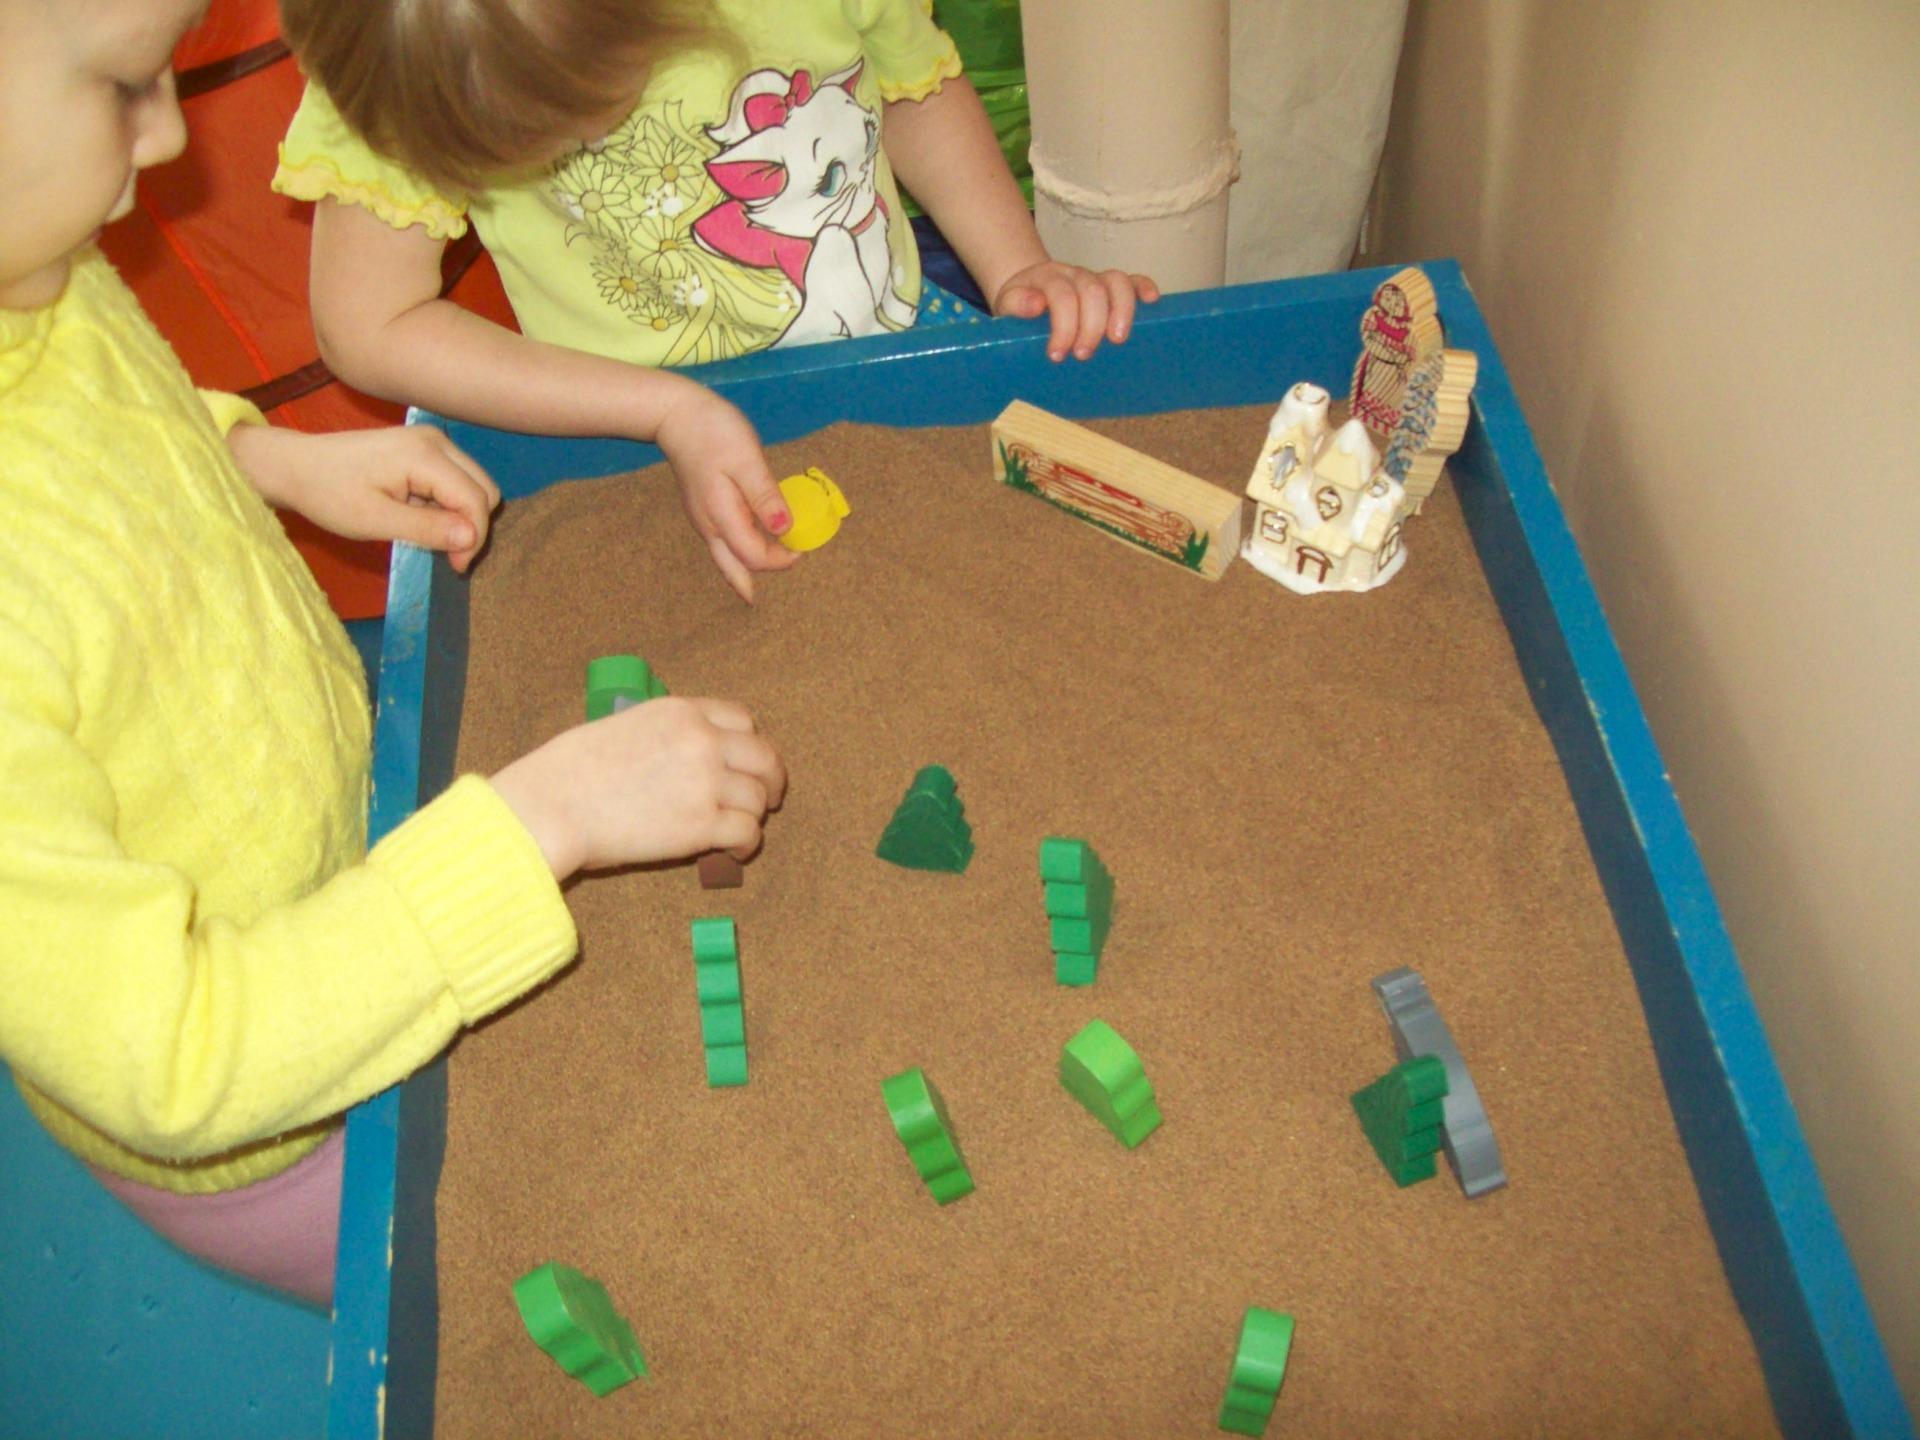 Песочная терапия для детей и взрослых: упражнения, средства для снятия психоэмоционального напряжения